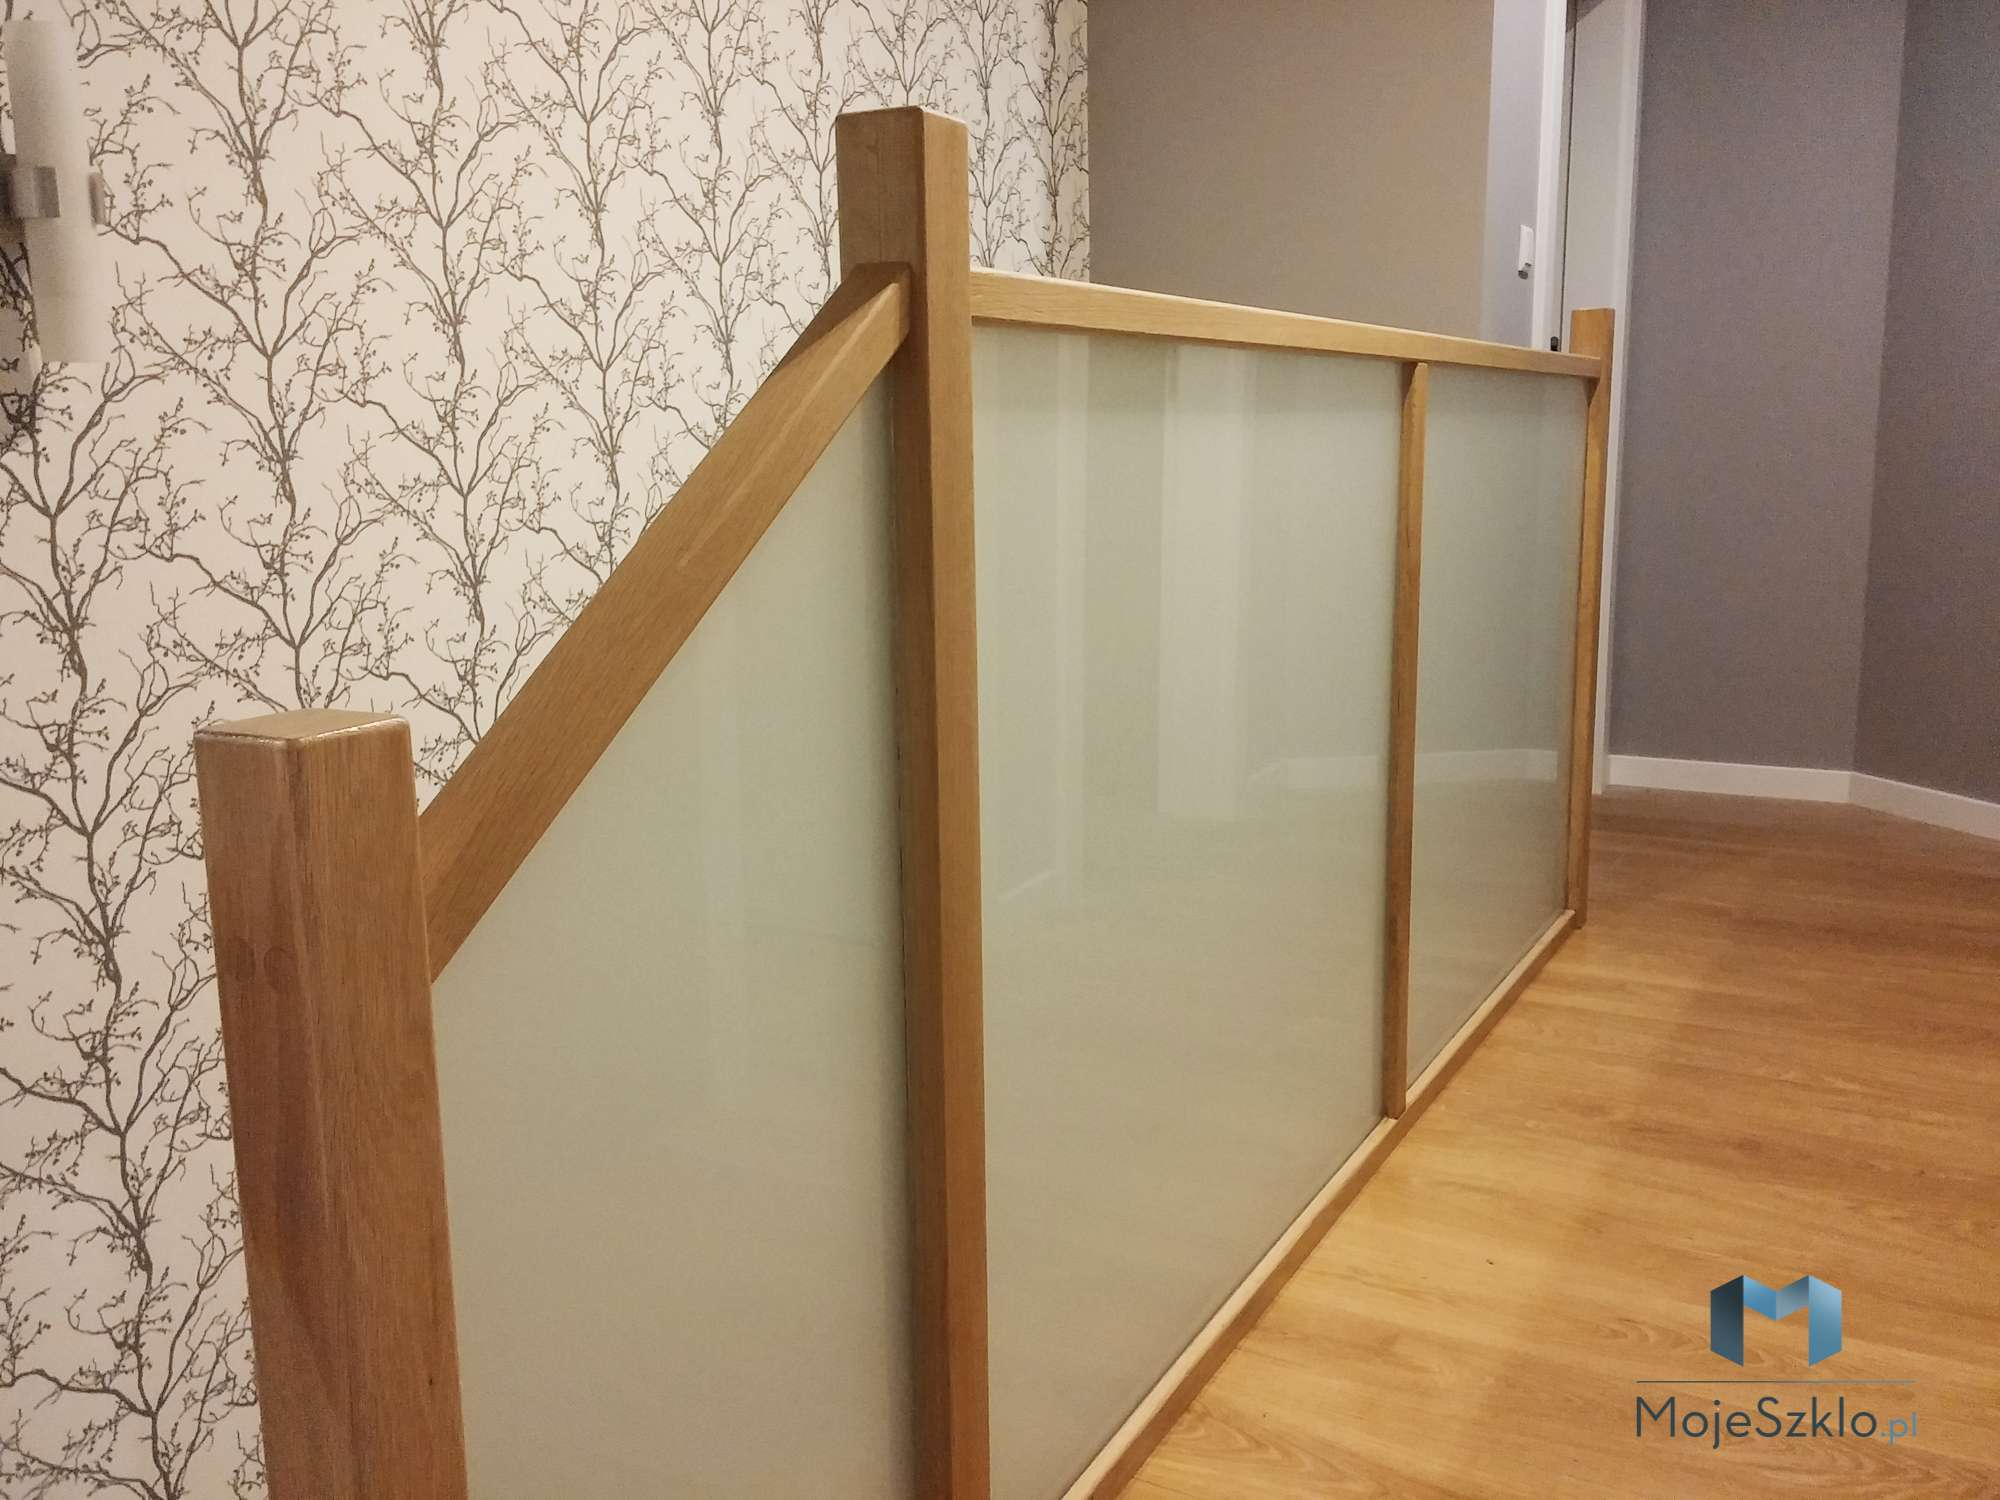 Balustrada Szklana W Drewnianej Ramie - Balustrady szklane, balustrady ze szkła